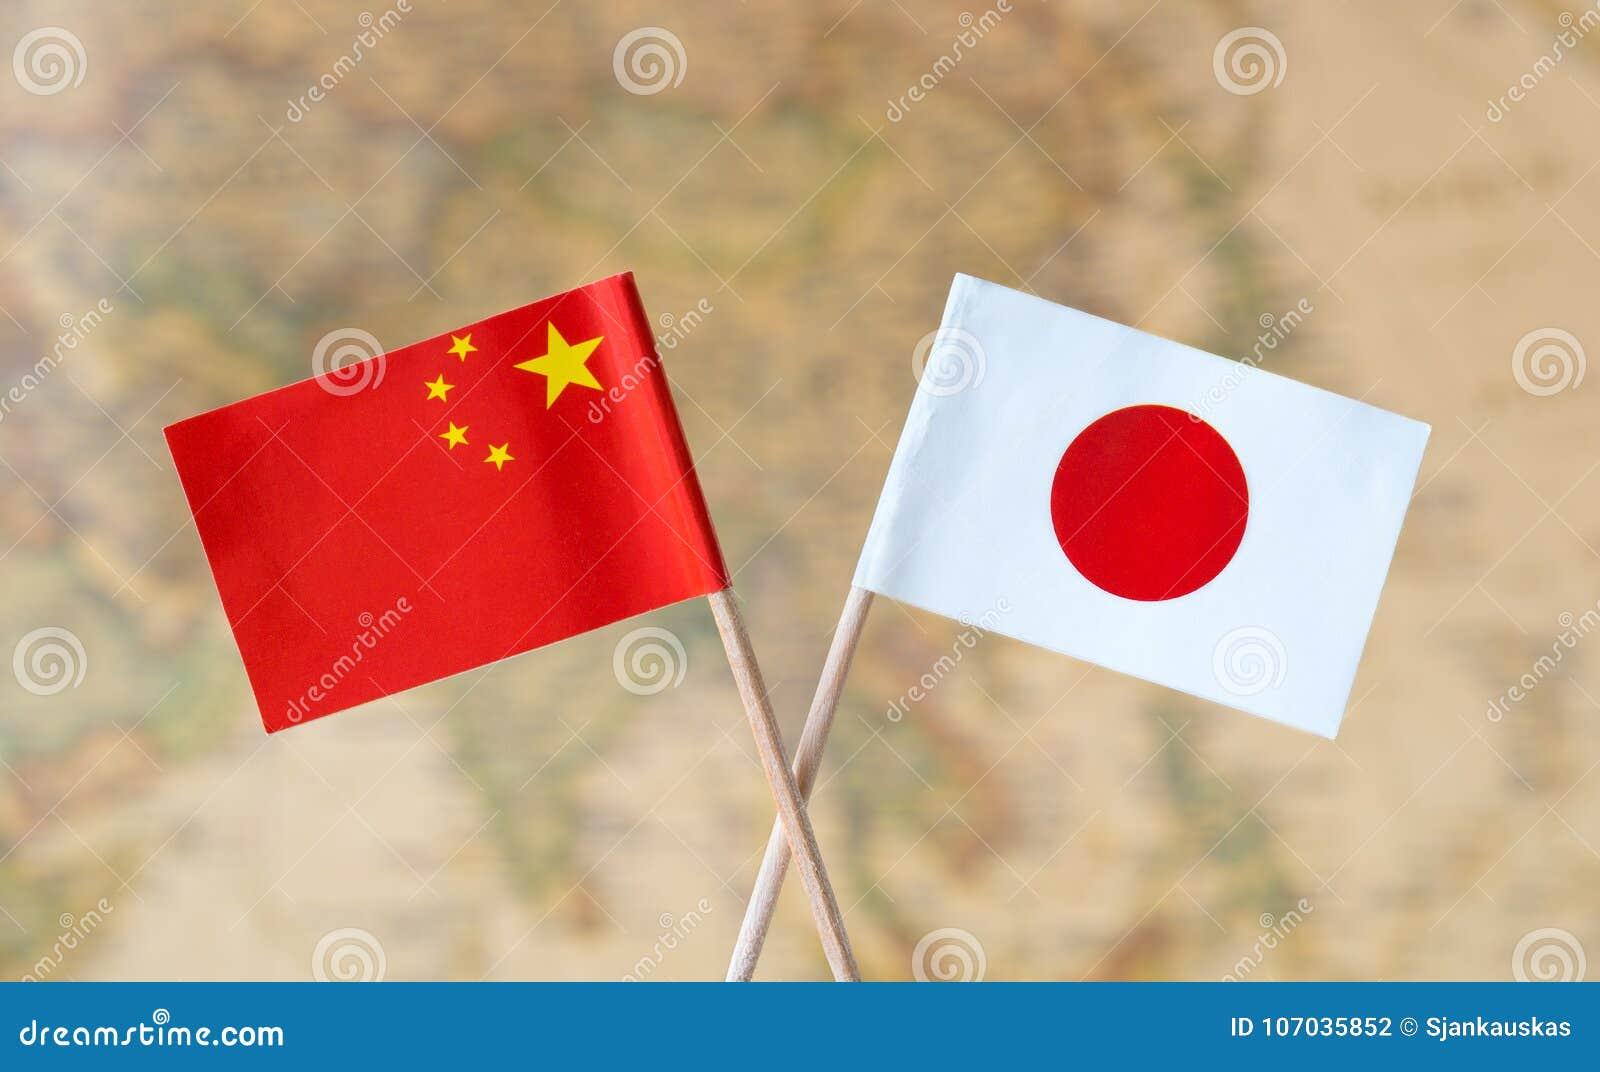 Bandeiras de China e de Japão sobre o mapa do mundo, imagem do conceito das relações políticas